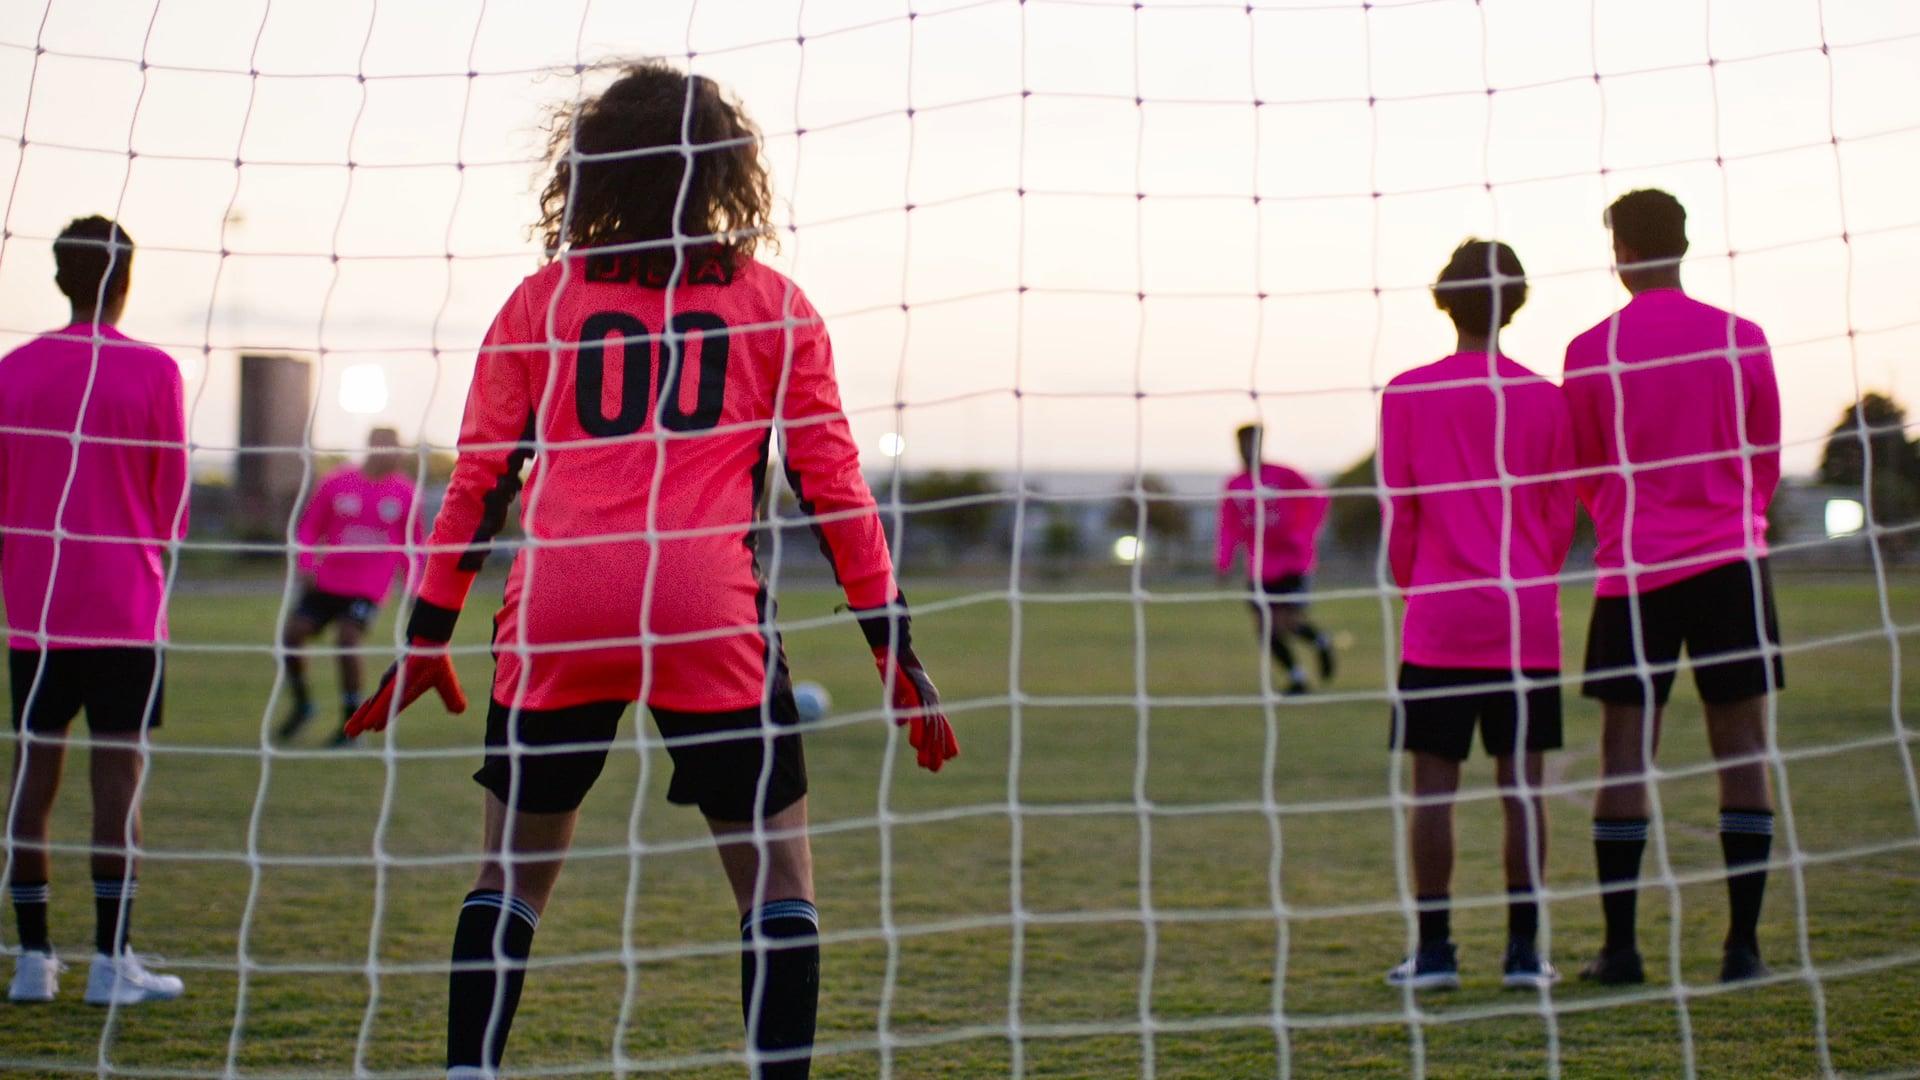 UDA X NMSU Soccer | Pink Jerseys